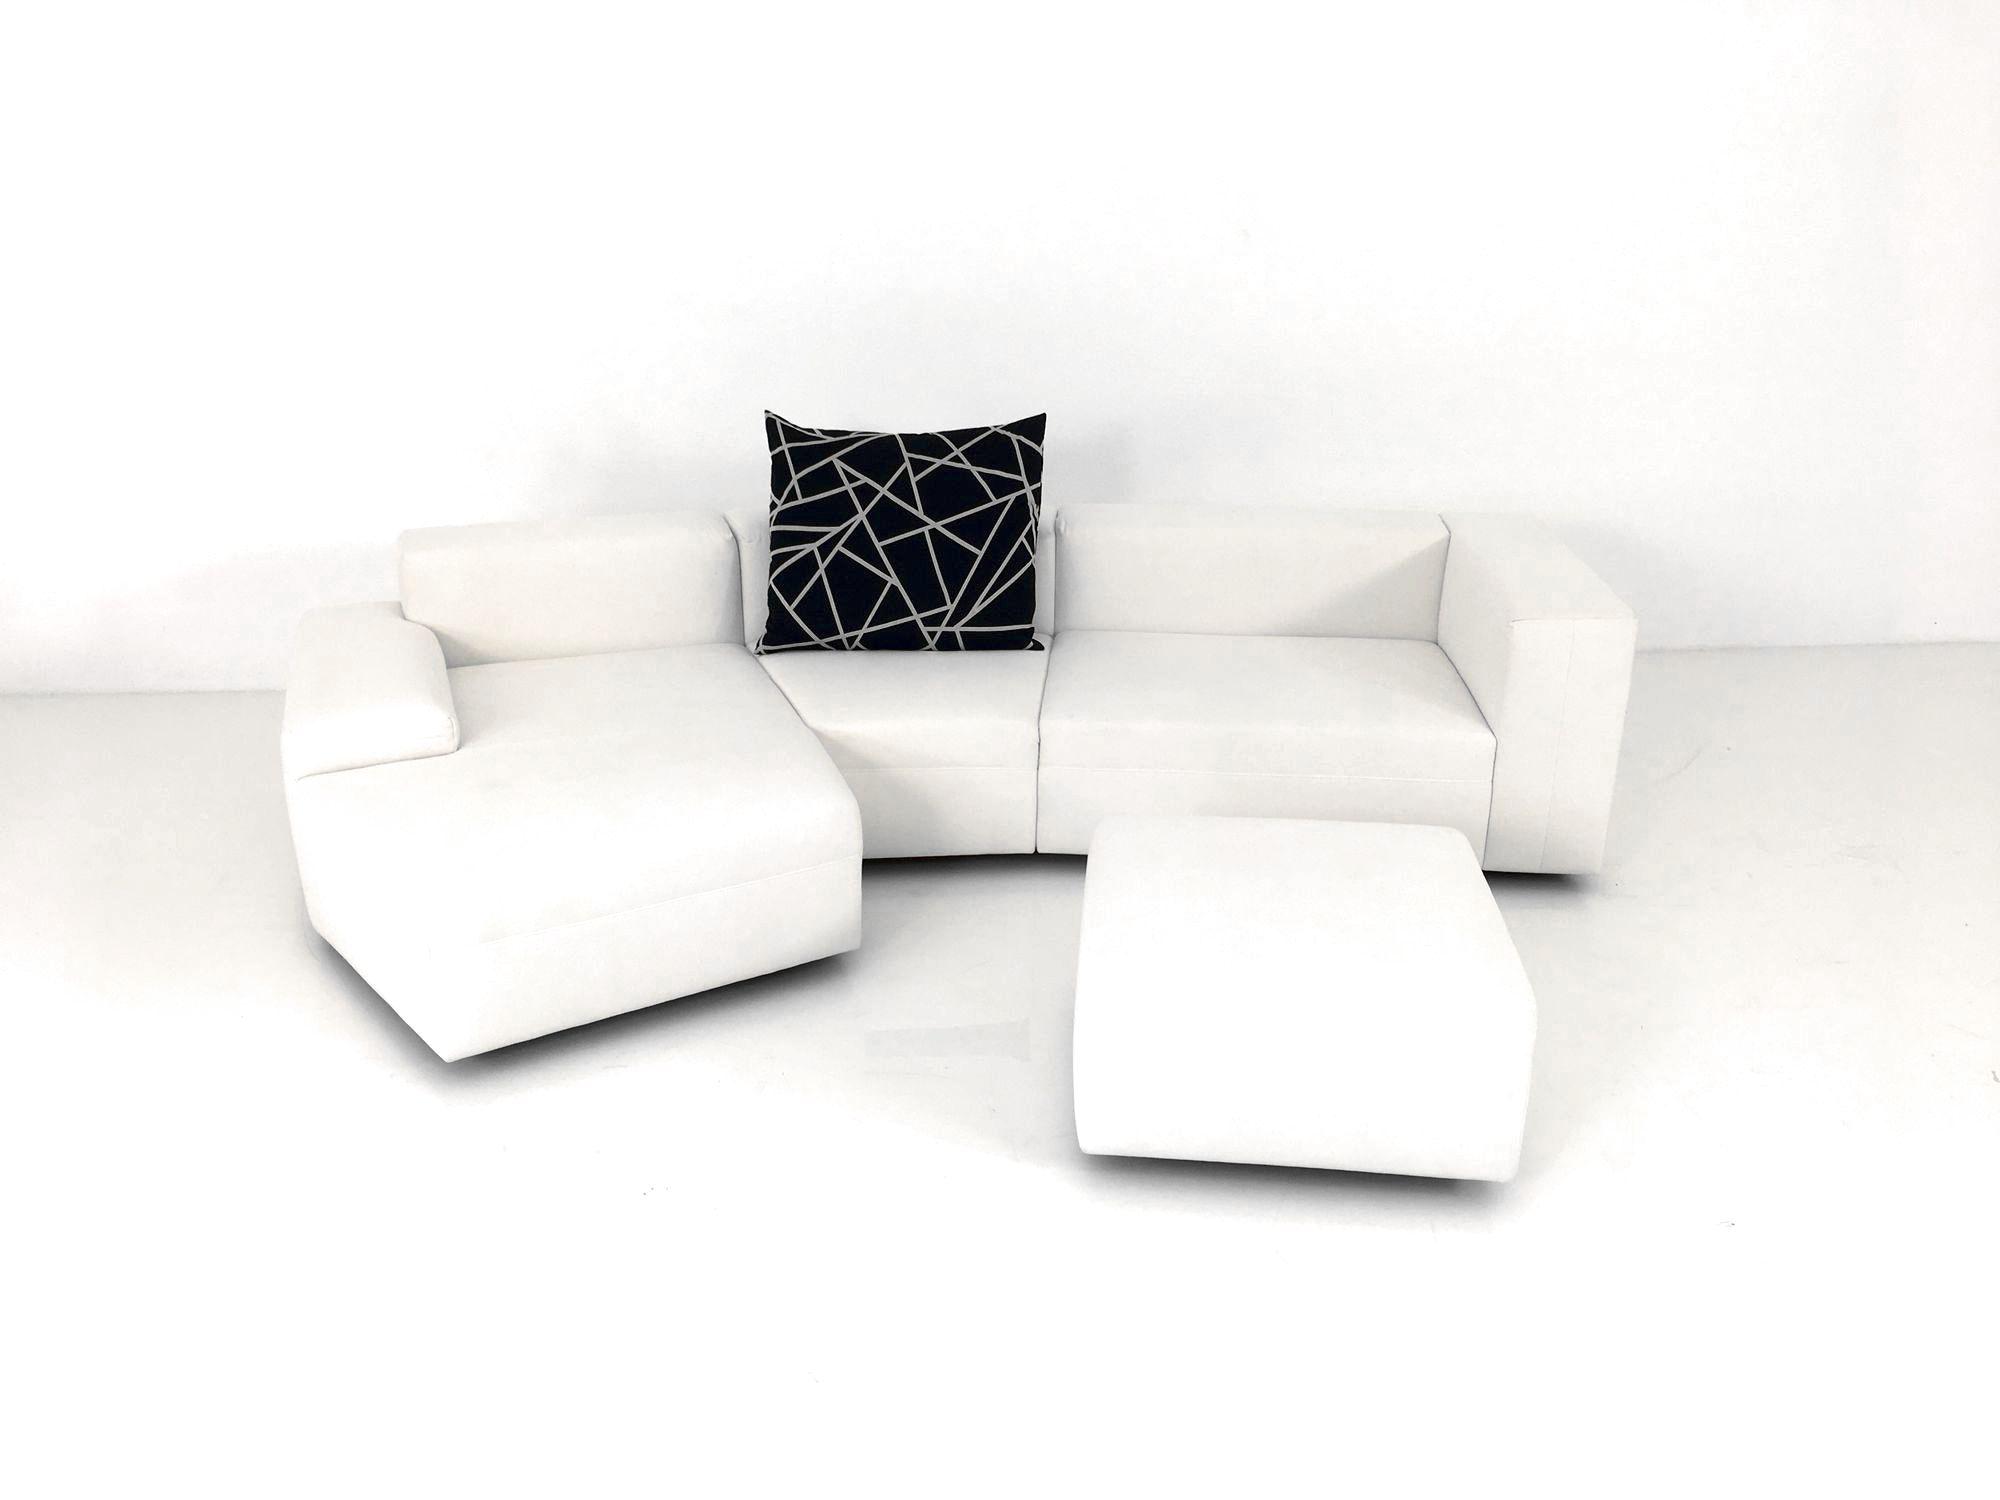 e schillig modular sofa mit recamiere asymmetrisch im stoff offwhite ewald schillig. Black Bedroom Furniture Sets. Home Design Ideas